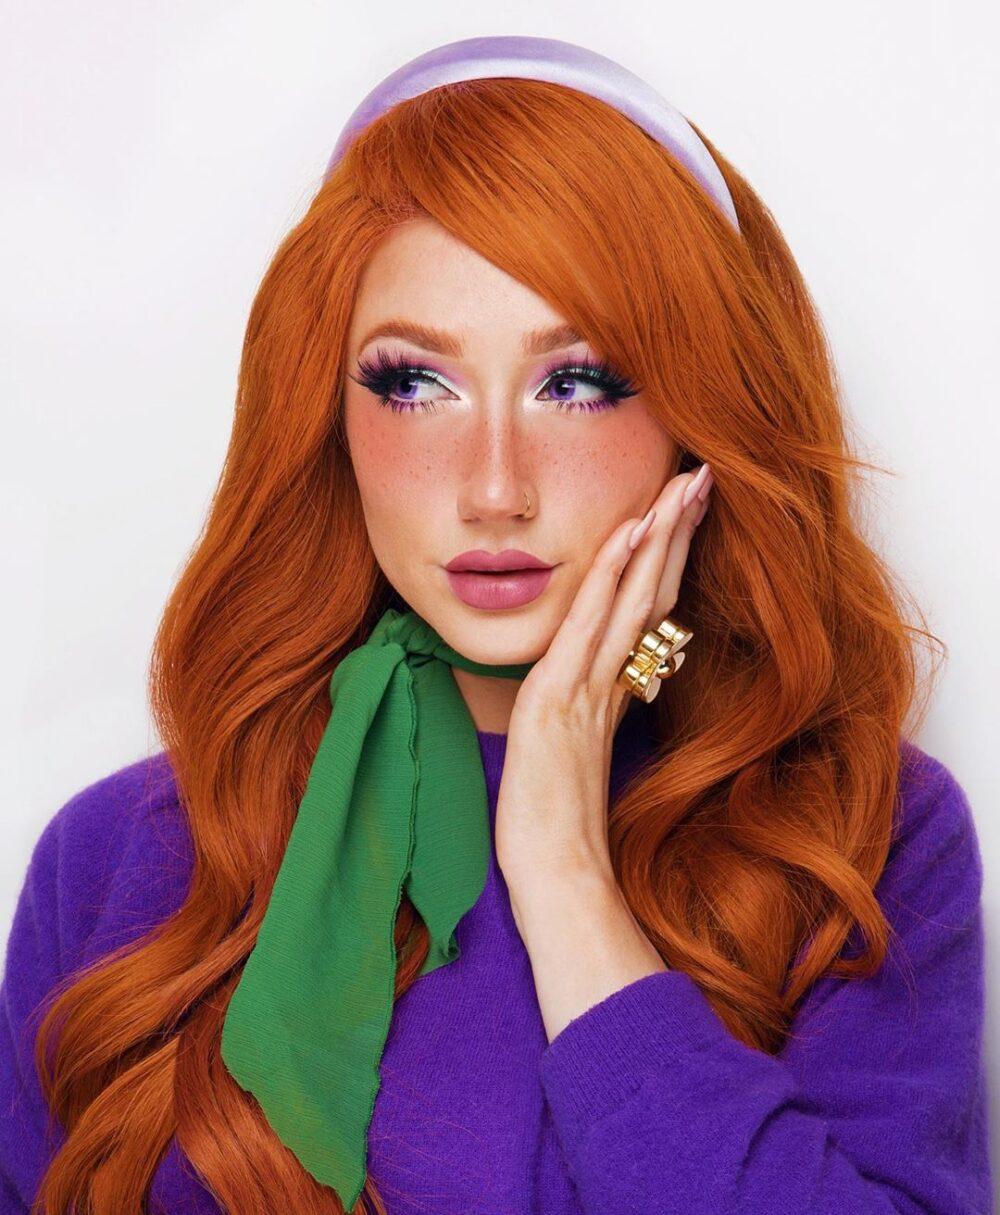 15 hübsche + einzigartige Kostümideen, die wir von Instagram lieben